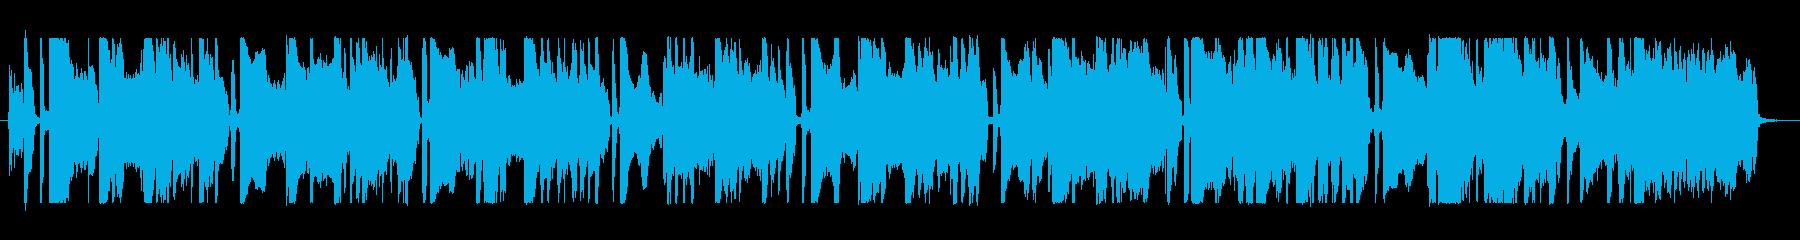 エッチ・セクシーなサックス(その2)の再生済みの波形